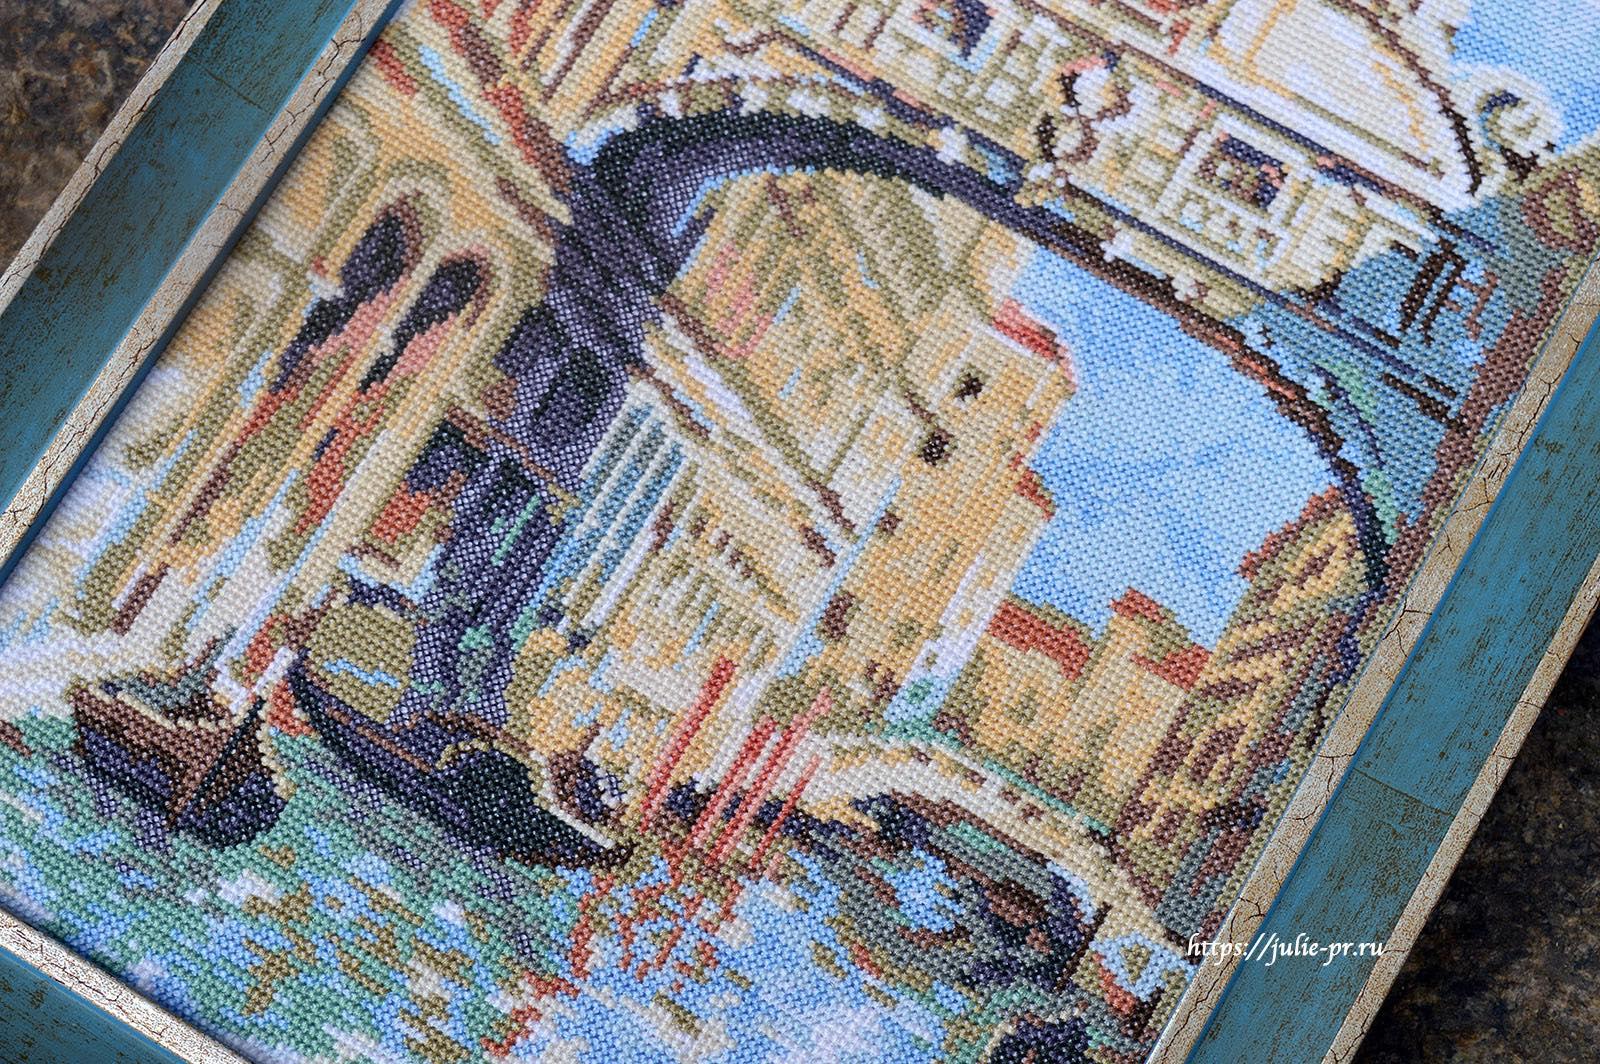 Вышивка крестом, риолис, riolis 1552, Венеция, Мост вздохов